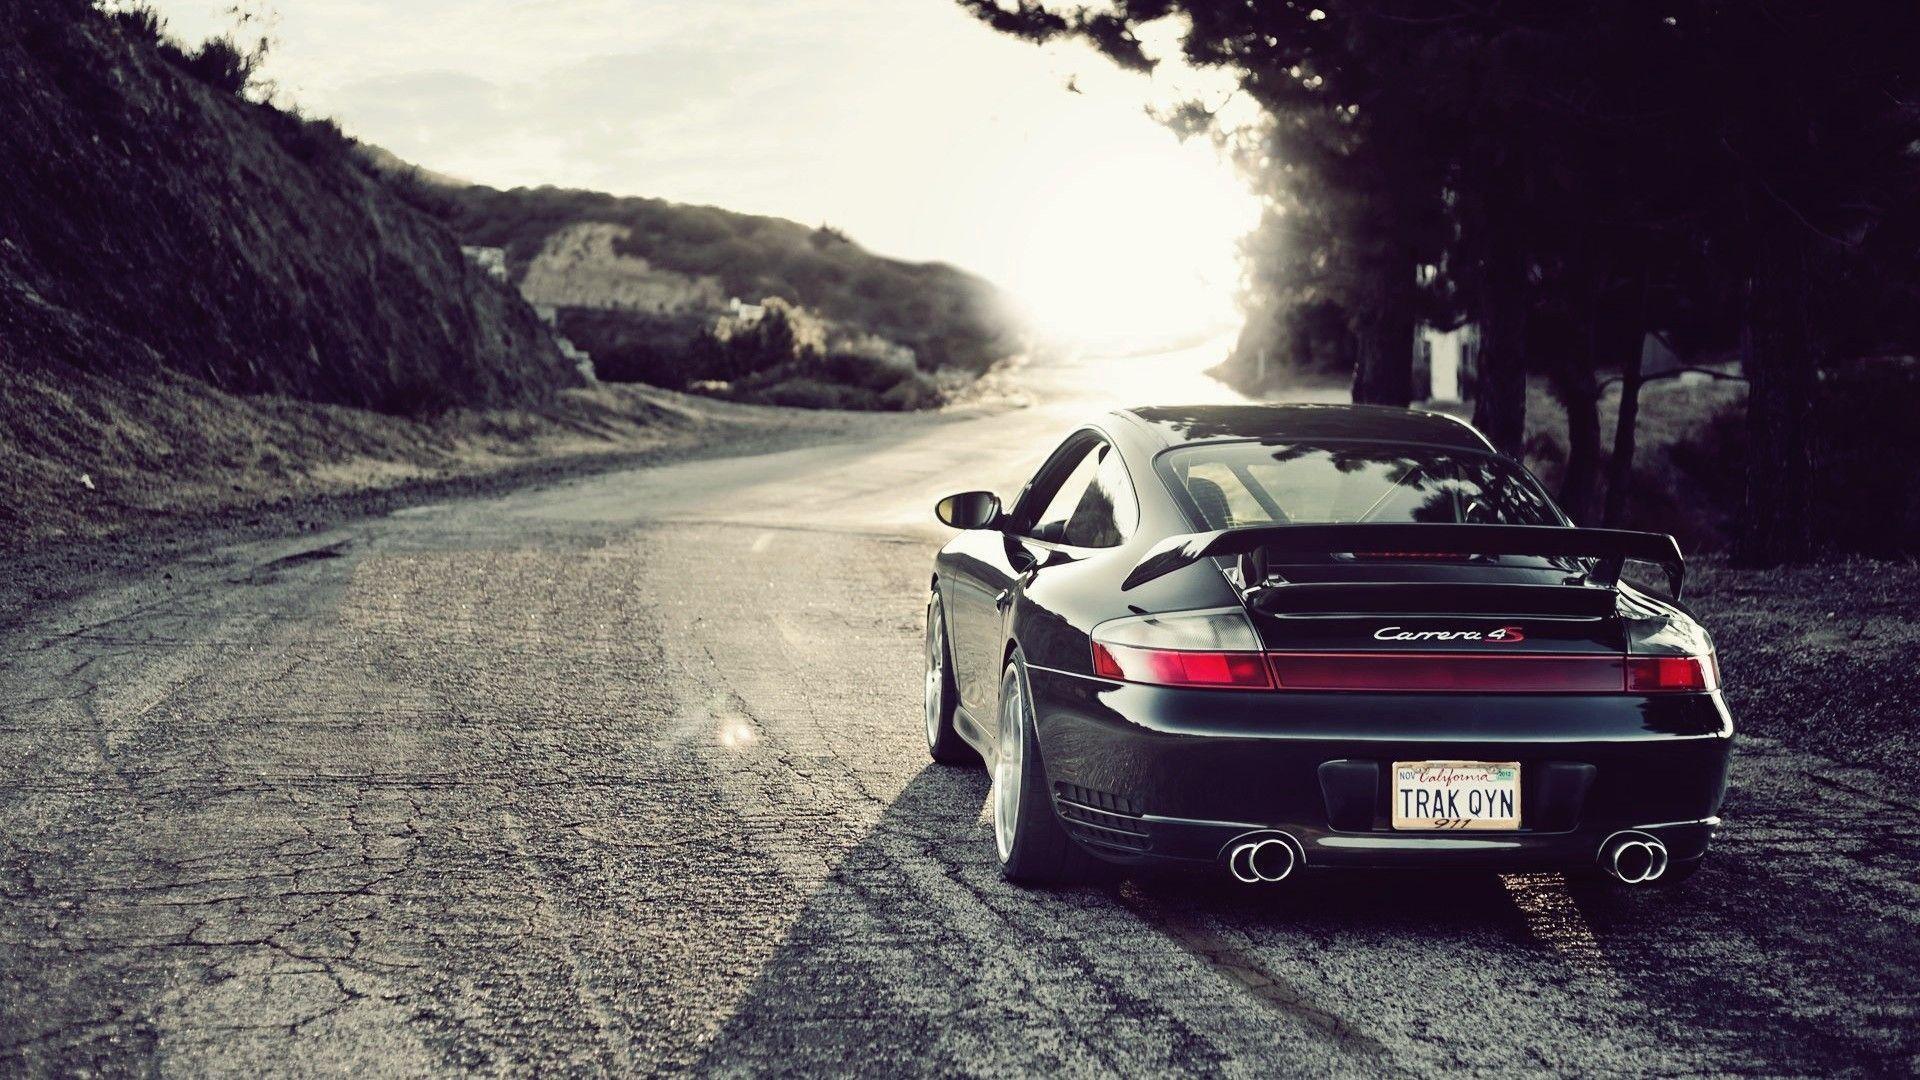 Porsche 993 Wallpapers Top Free Porsche 993 Backgrounds Wallpaperaccess